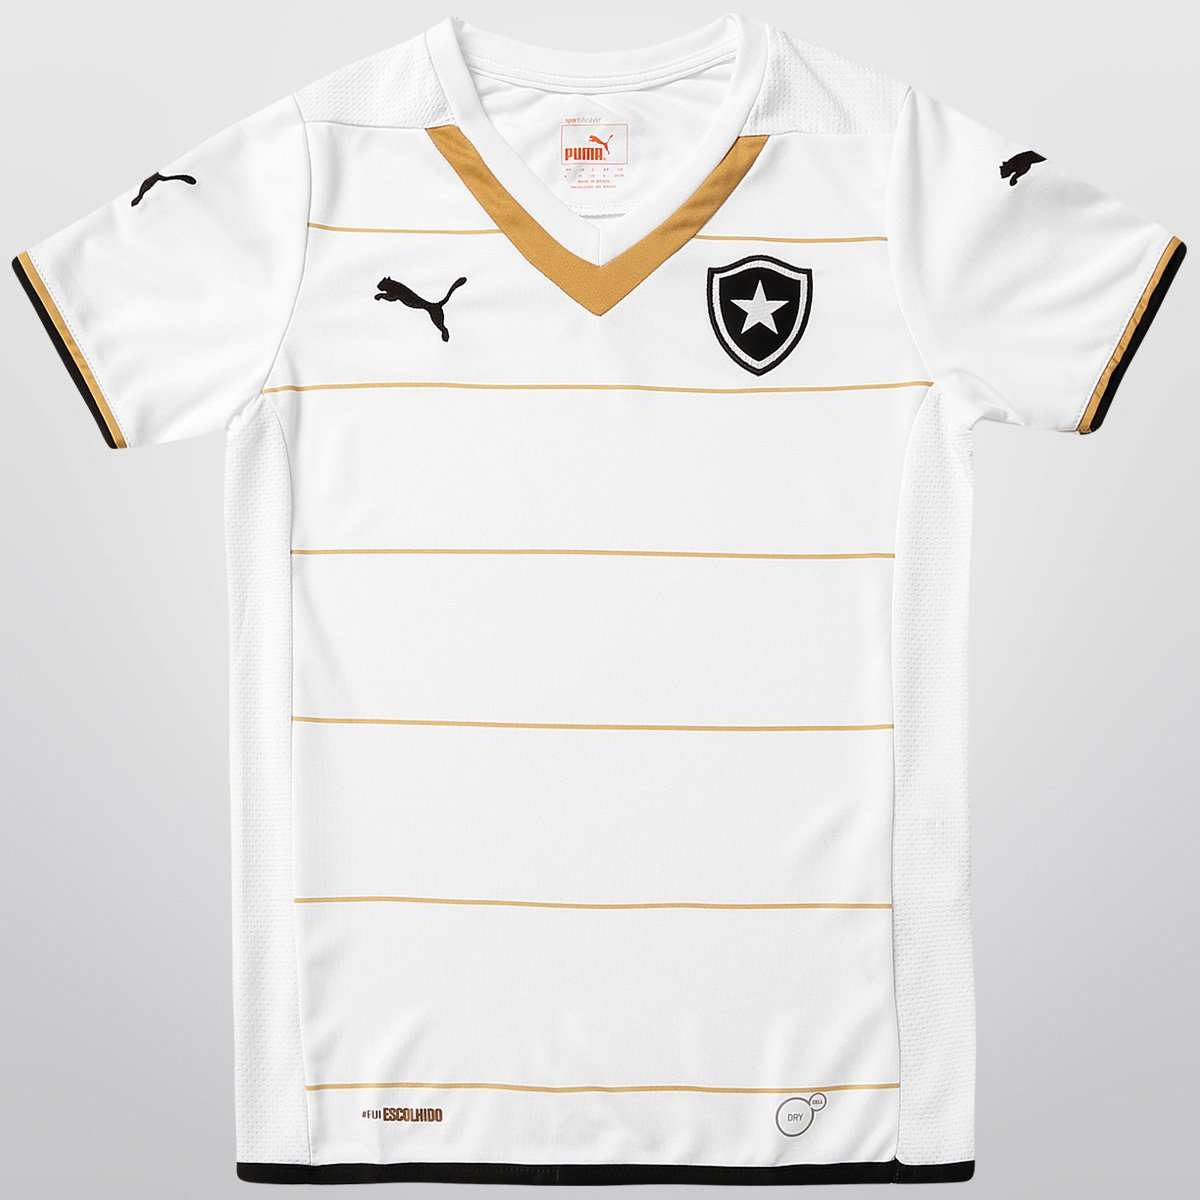 e8c5feba64 Camisa Puma Botafogo III 2014 s nº Infantil - Compre Agora